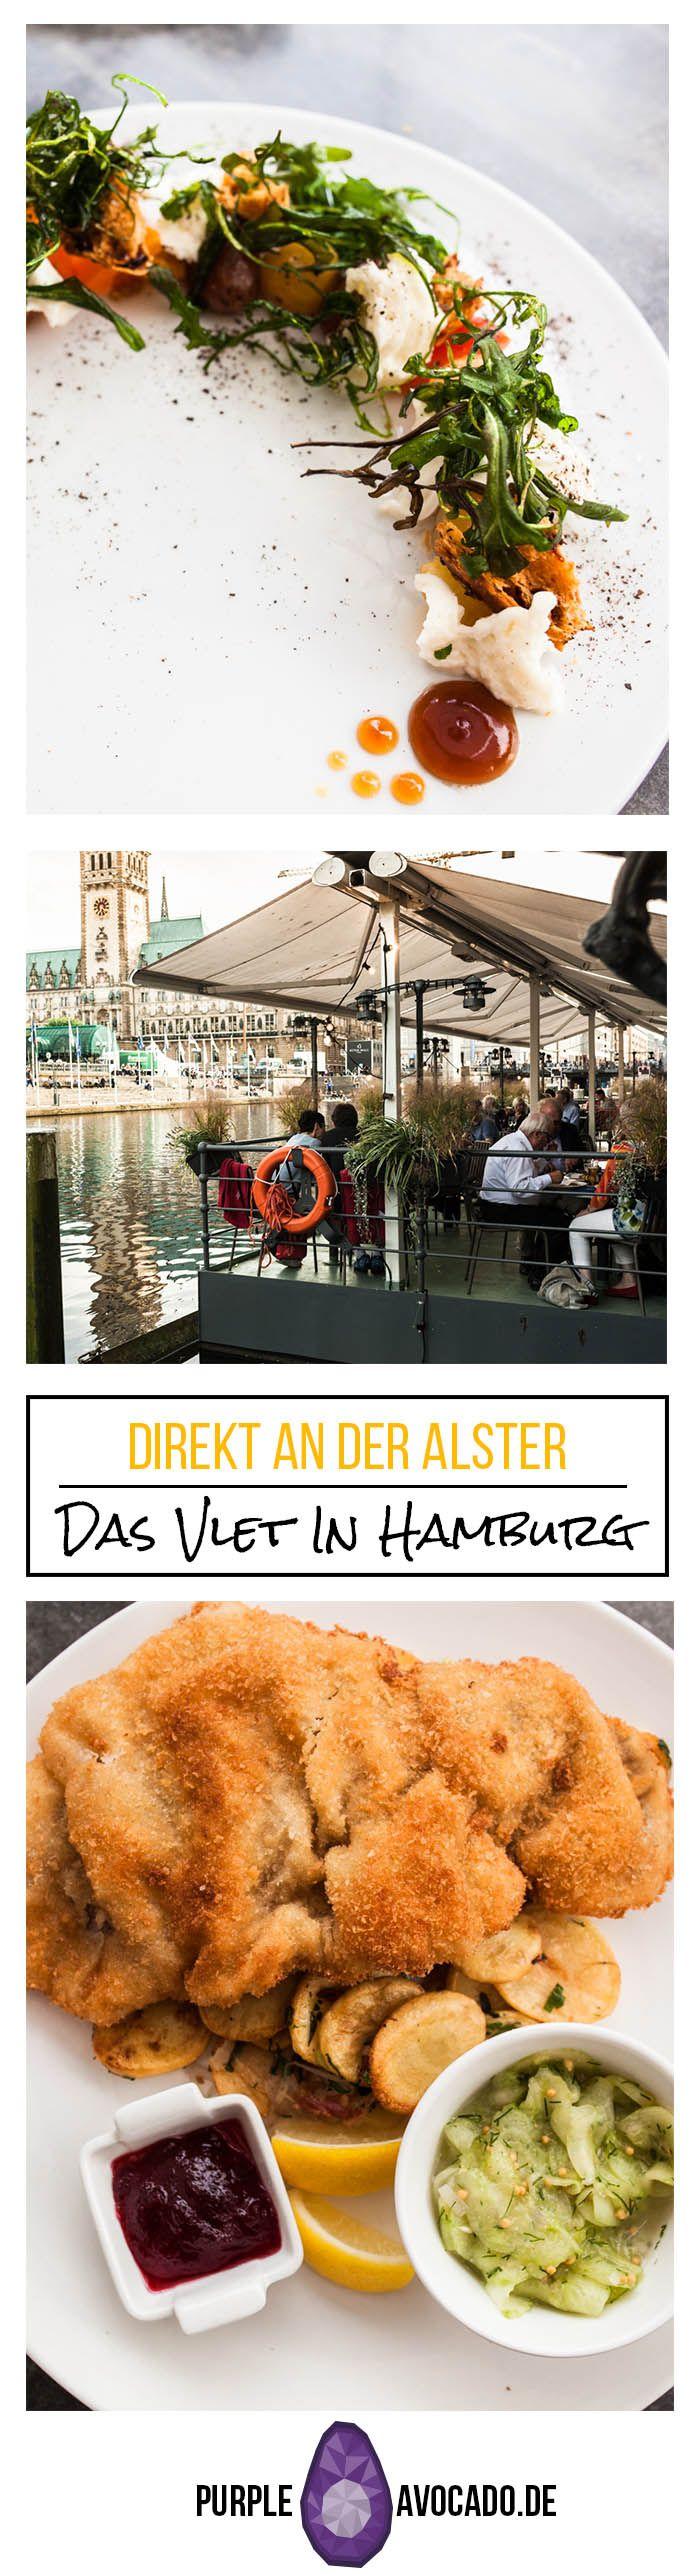 Beste Restaurants Hamburg - Das Vlet an der Alster | Hamburg ...